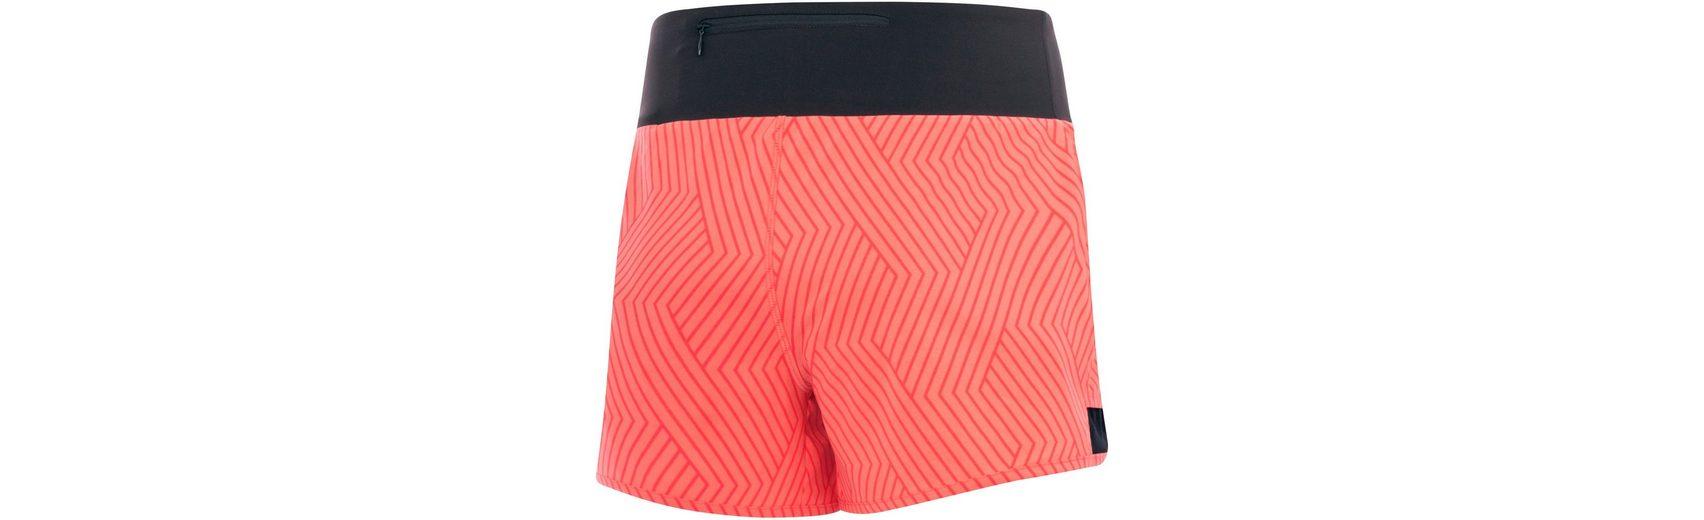 R5 WEAR WEAR Hose GORE Women Hose Shorts GORE R5 zwrwSq